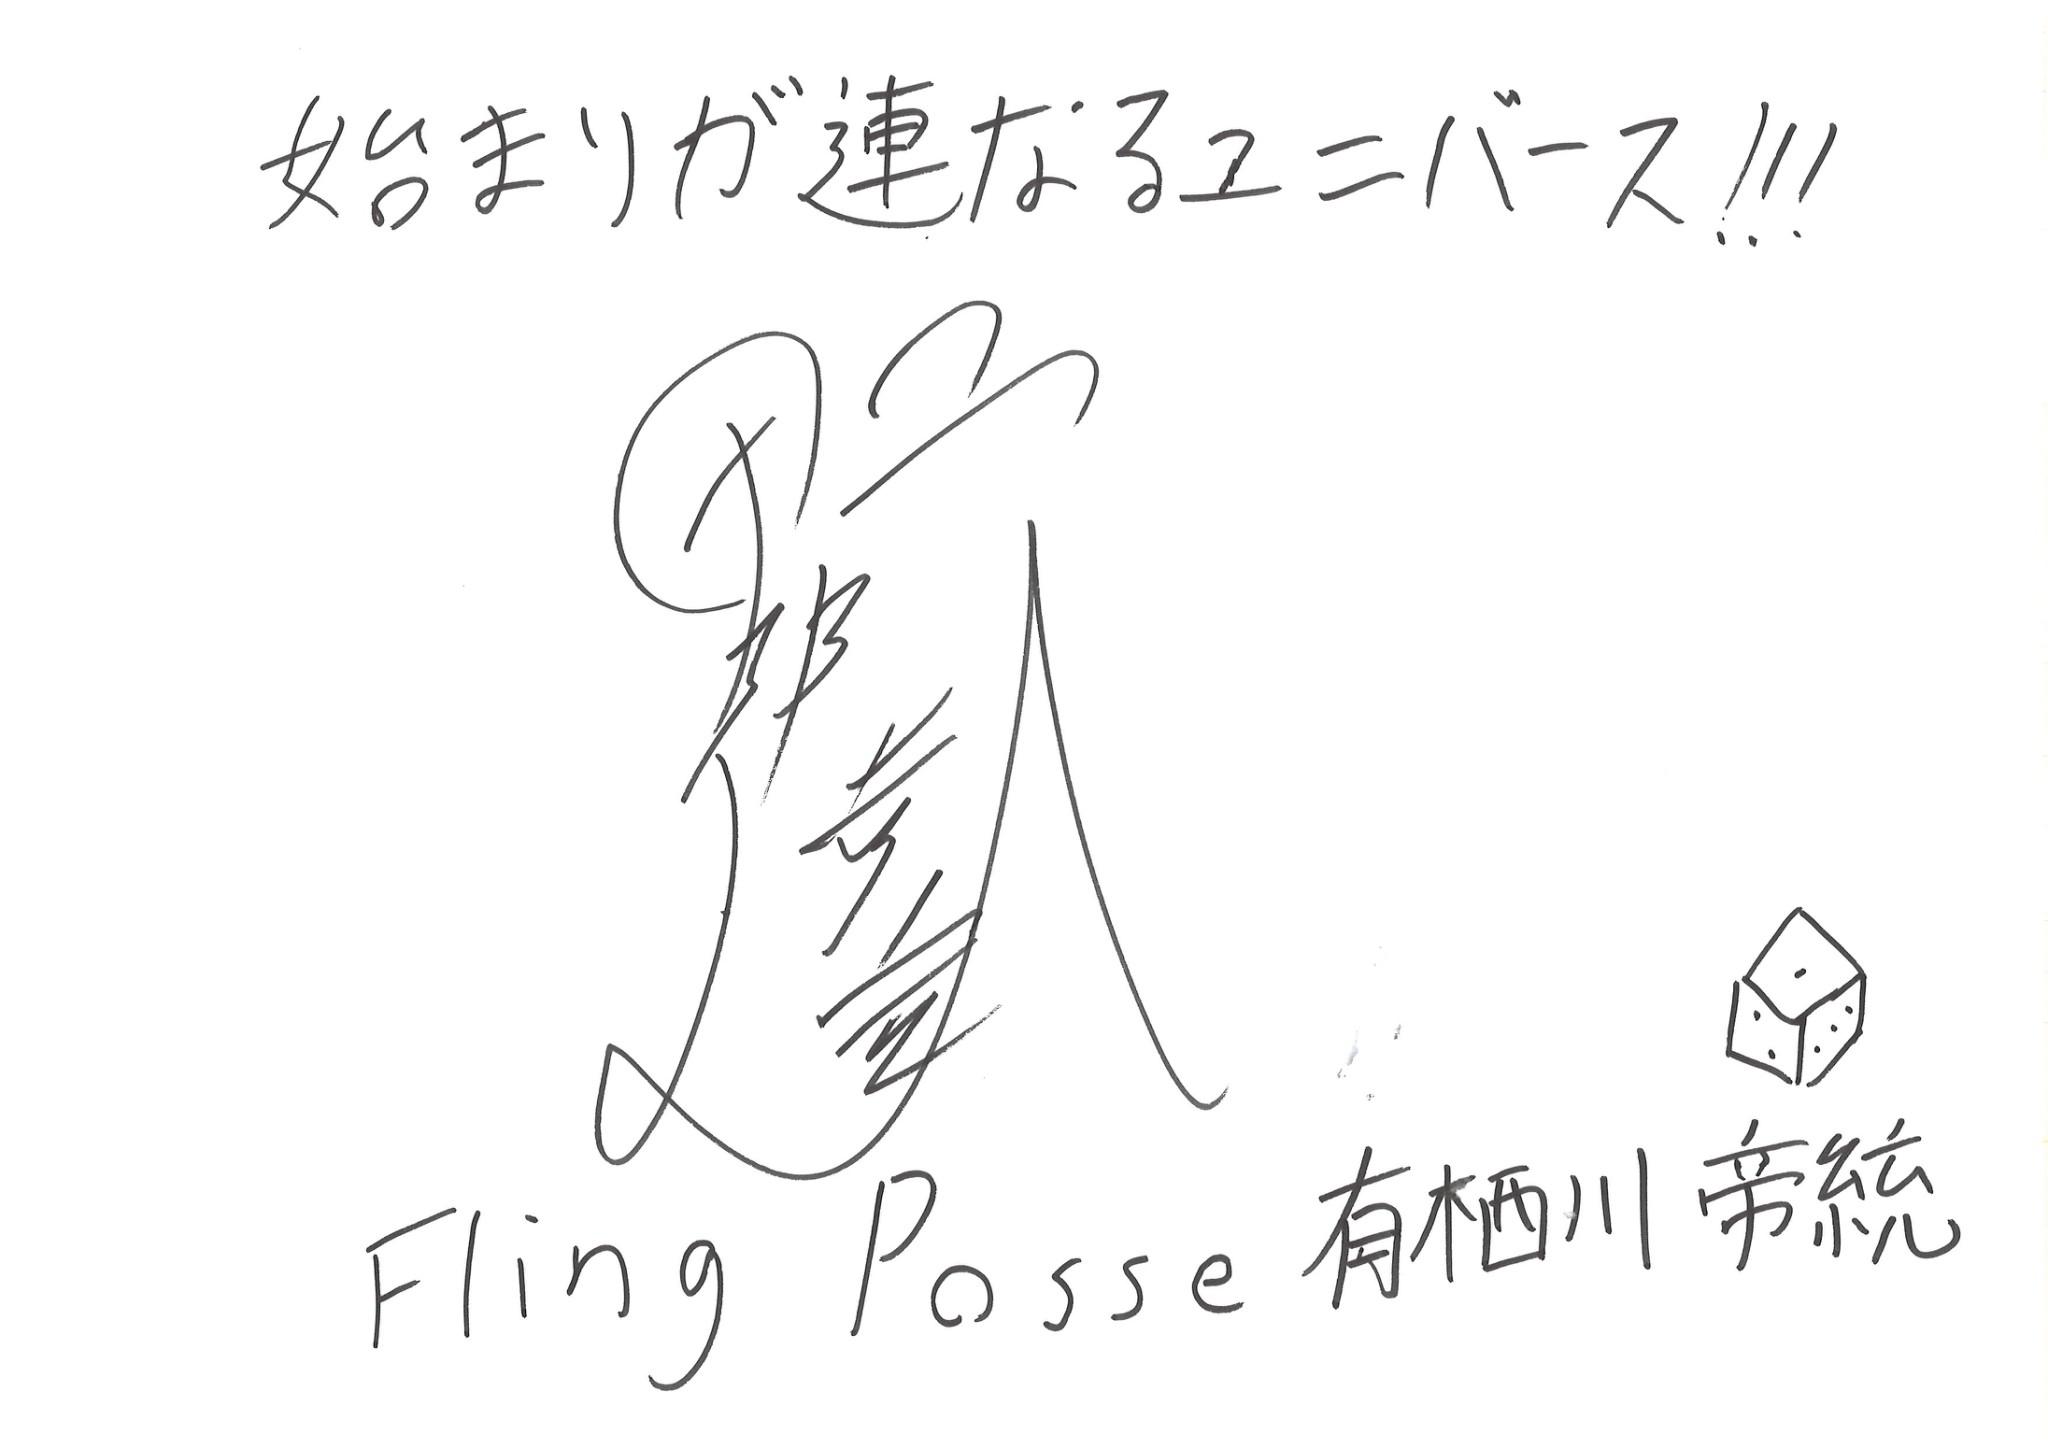 有栖川帝統(CV:野津山幸宏) (C) King Record Co., Ltd. All rights reserved.